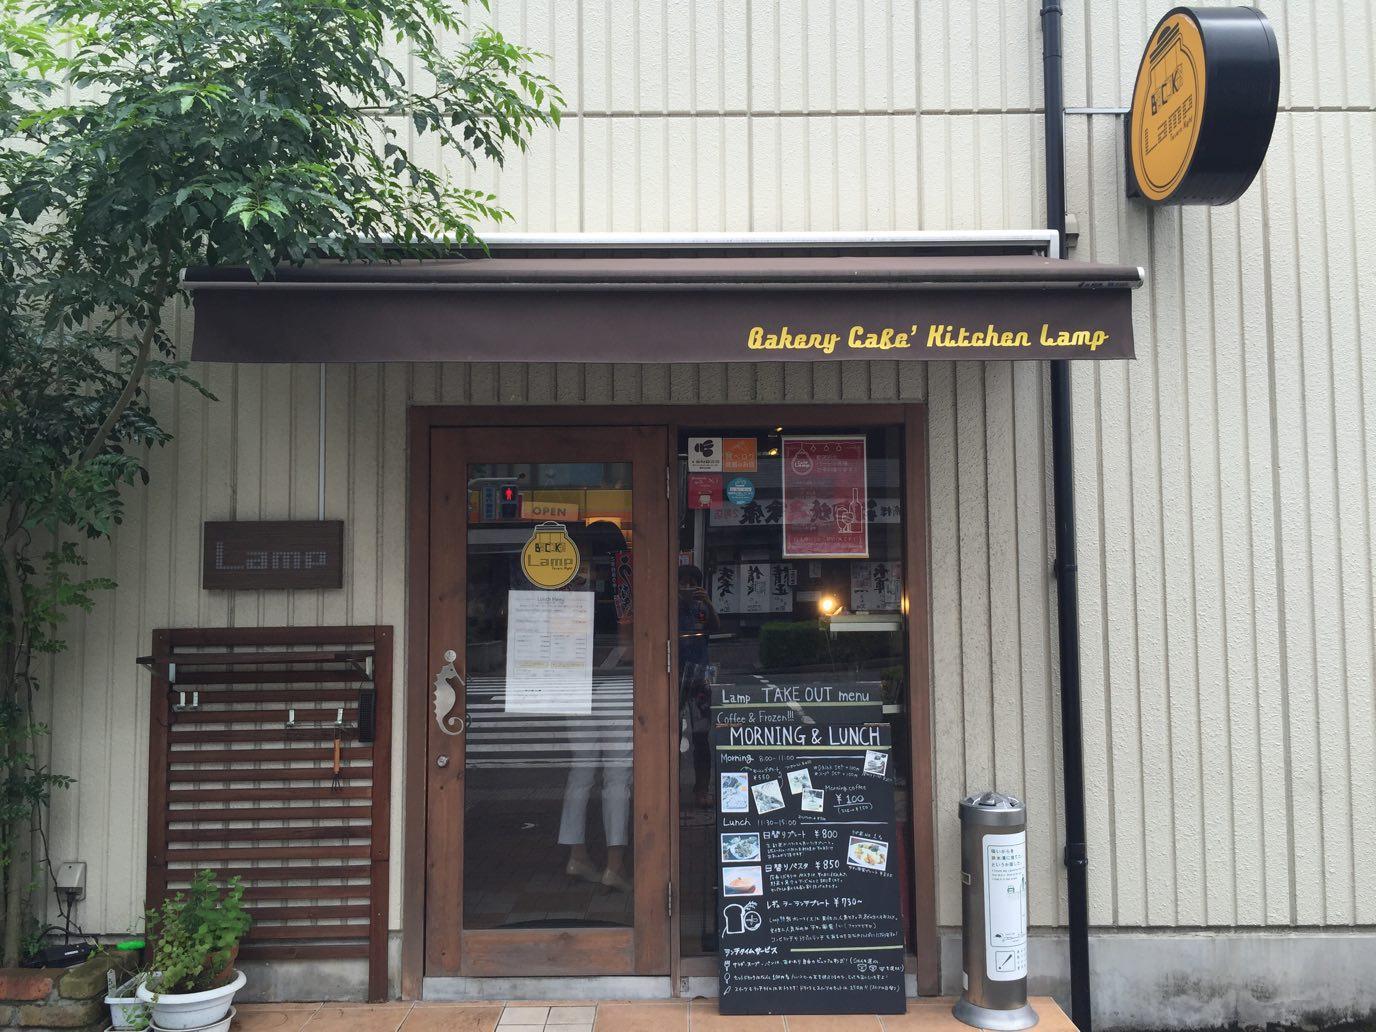 【福岡カフェ】呉服町 カフェ LANP(ランプ)-パンが食べ放題のビュッフェでとびきりでかいチキン南蛮ランチを食する♪